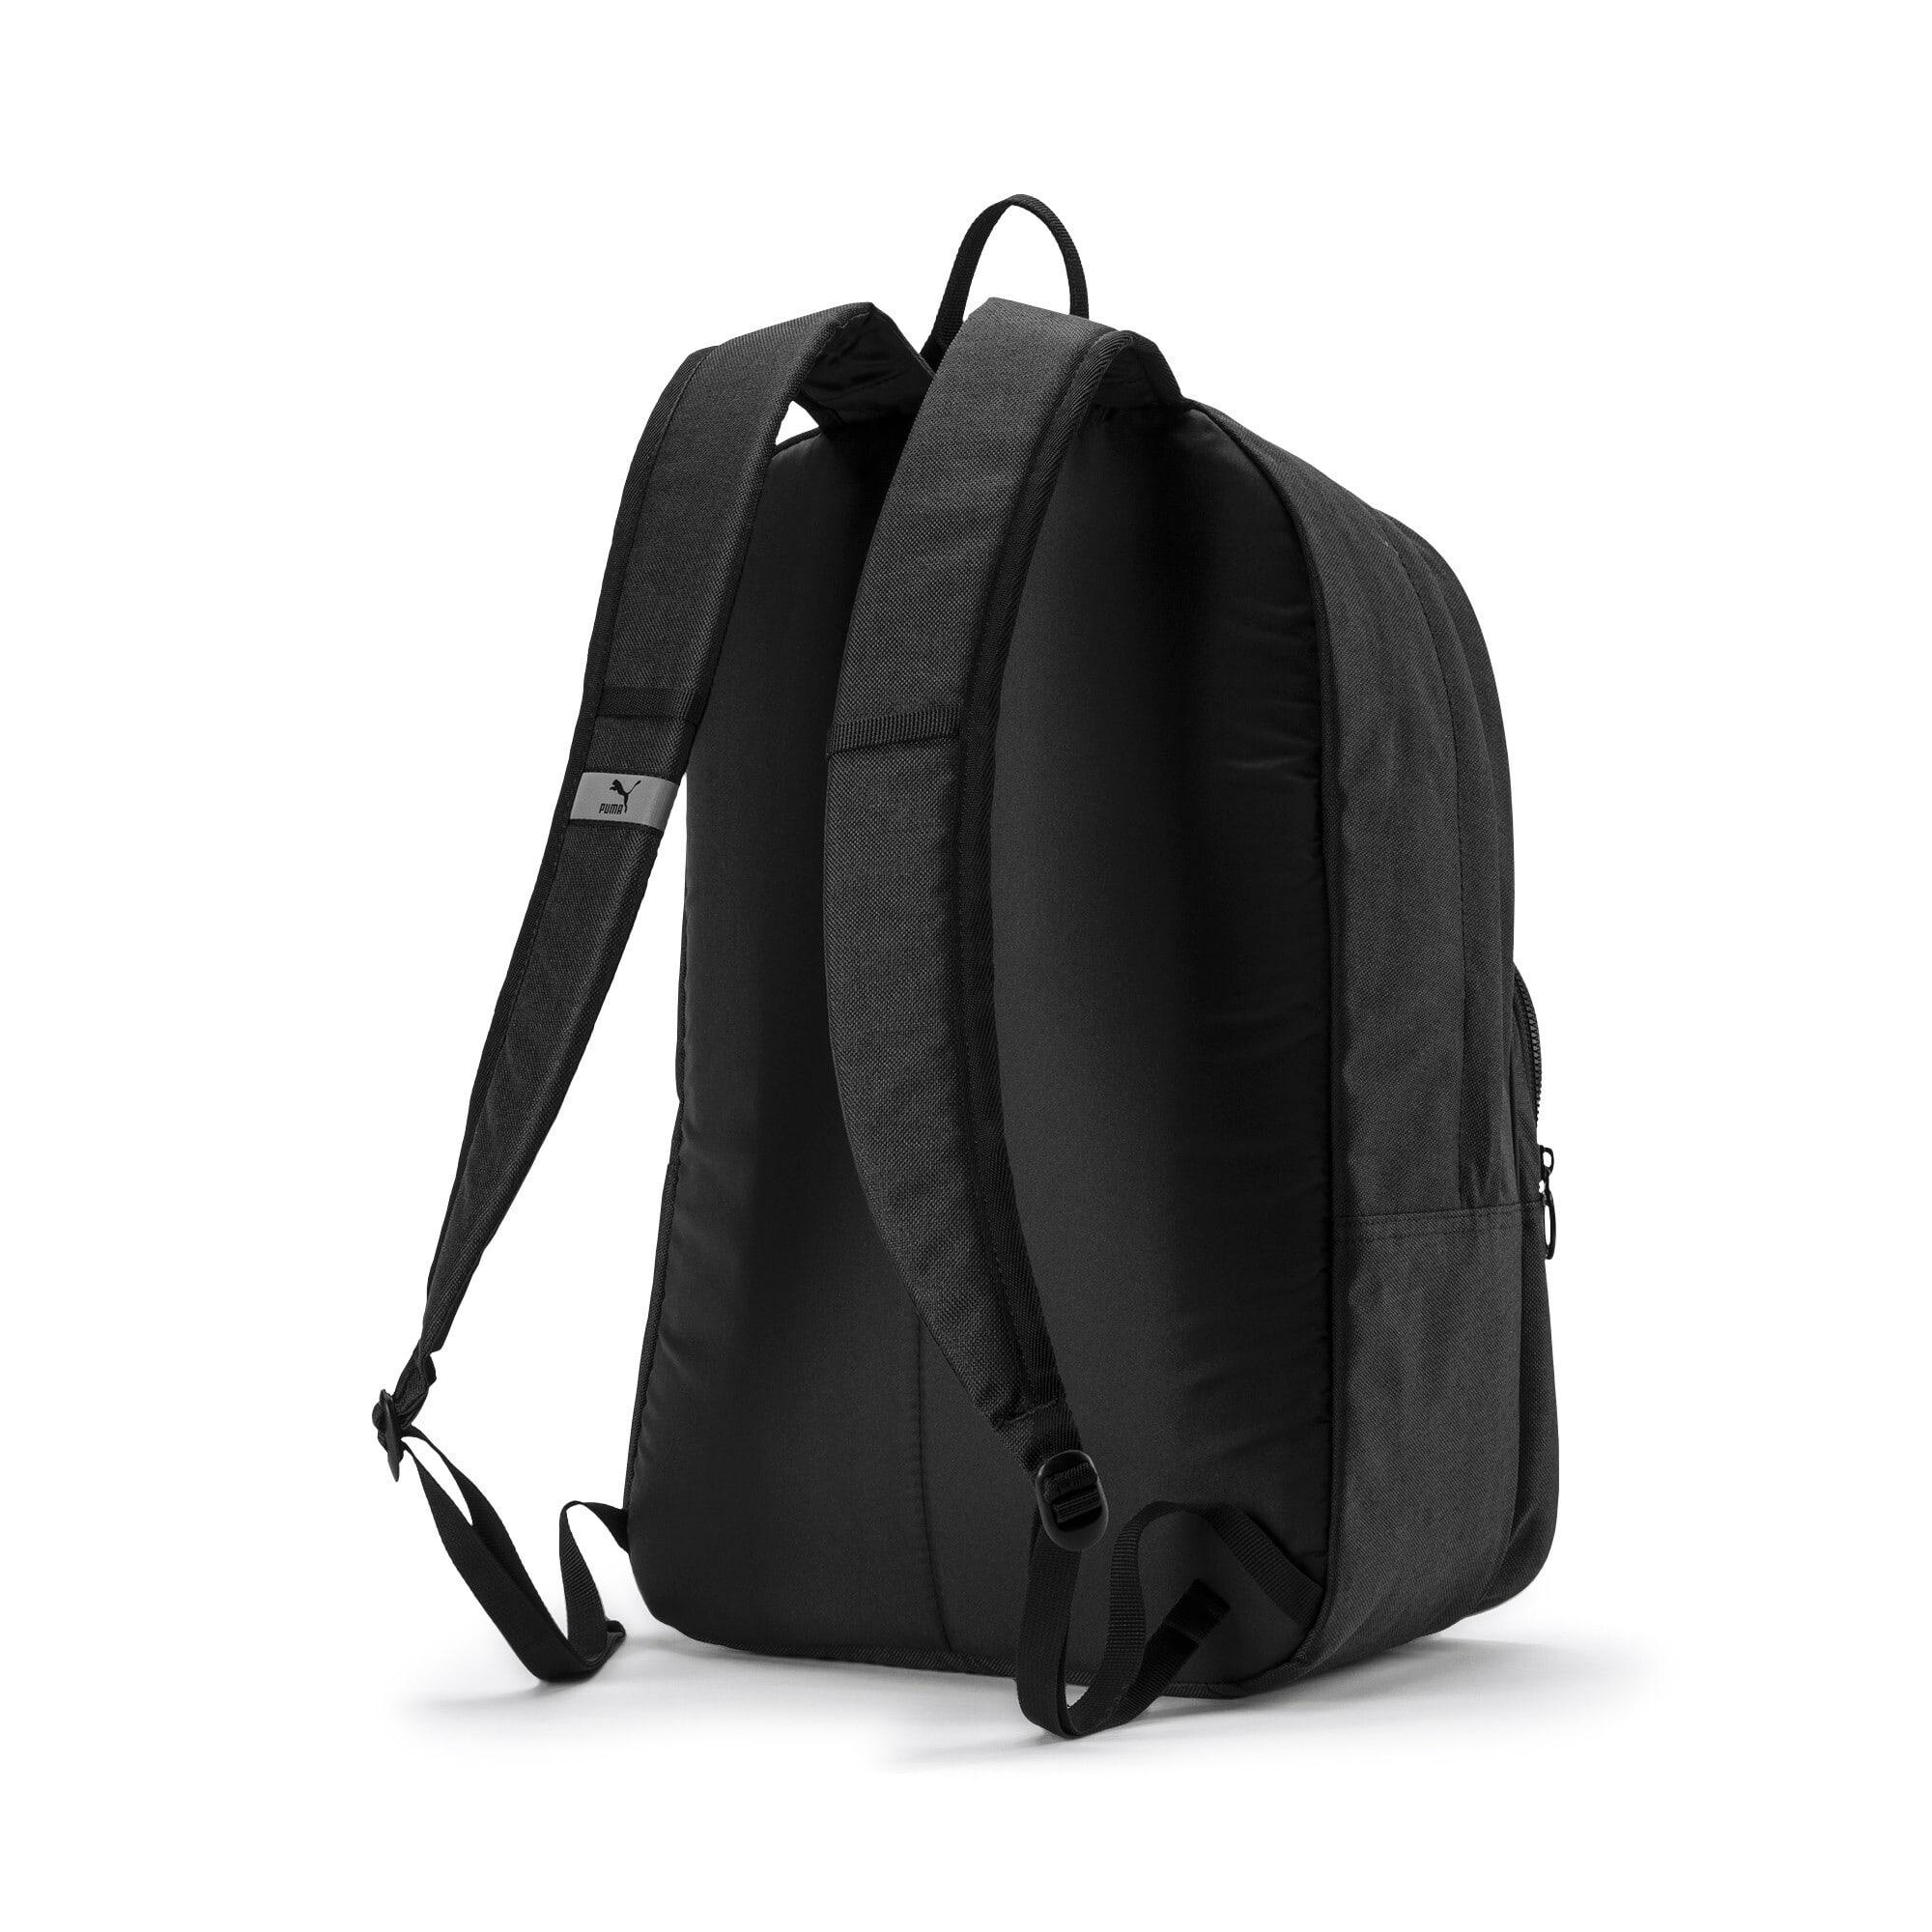 Thumbnail 3 of Originals Retro Woven Backpack, Puma Black, medium